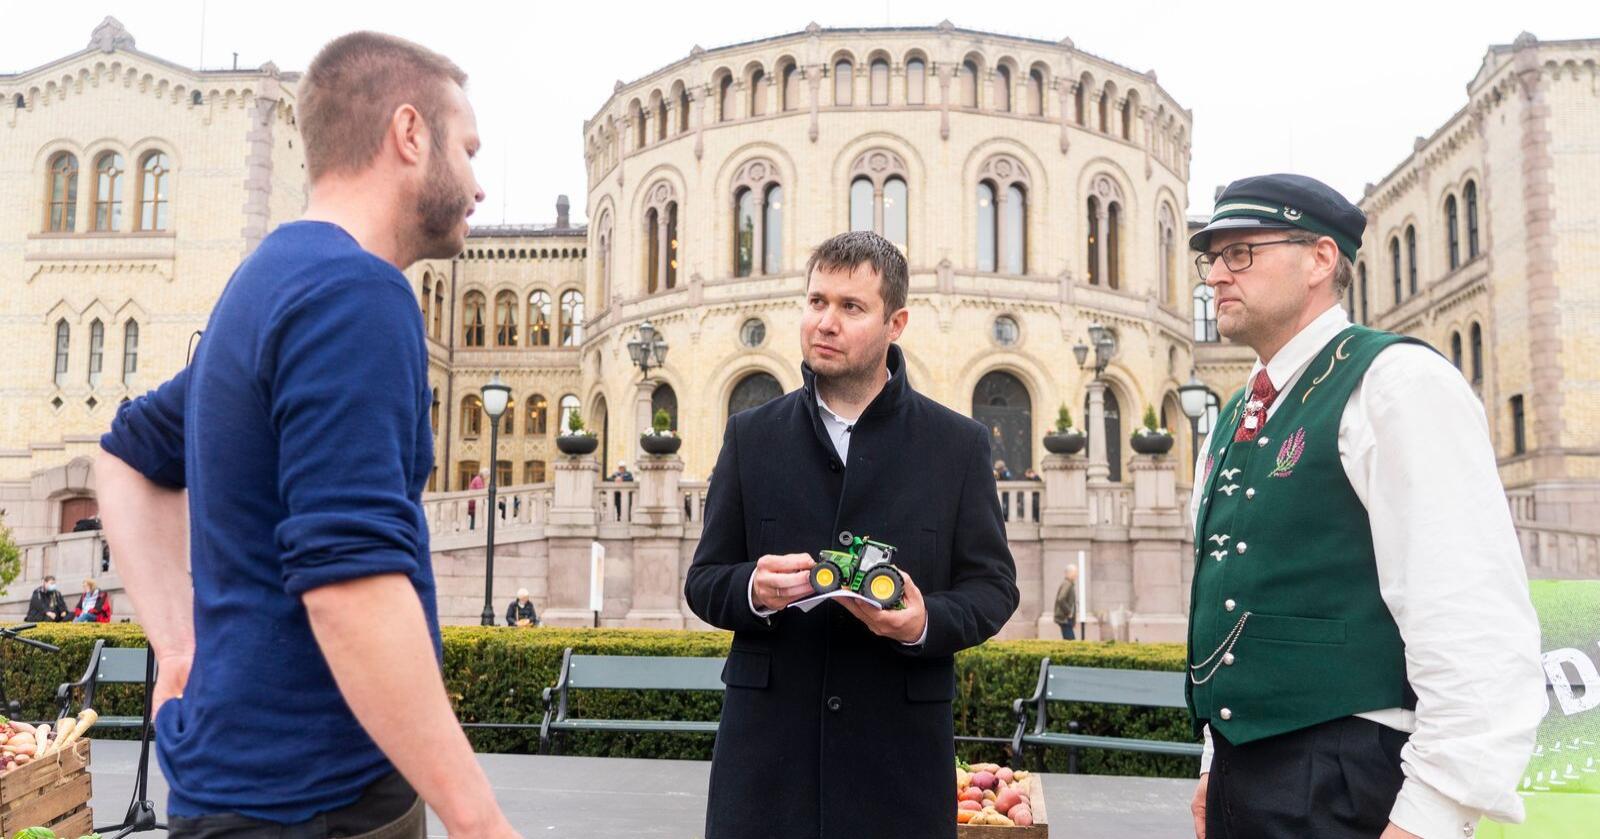 Leder i næringskomiteen Geir Pollestad under en markering fra Bondeorganisasjonene i forbindelse med årets jordbruksoppgjør. Foto: Terje Pedersen / NTB